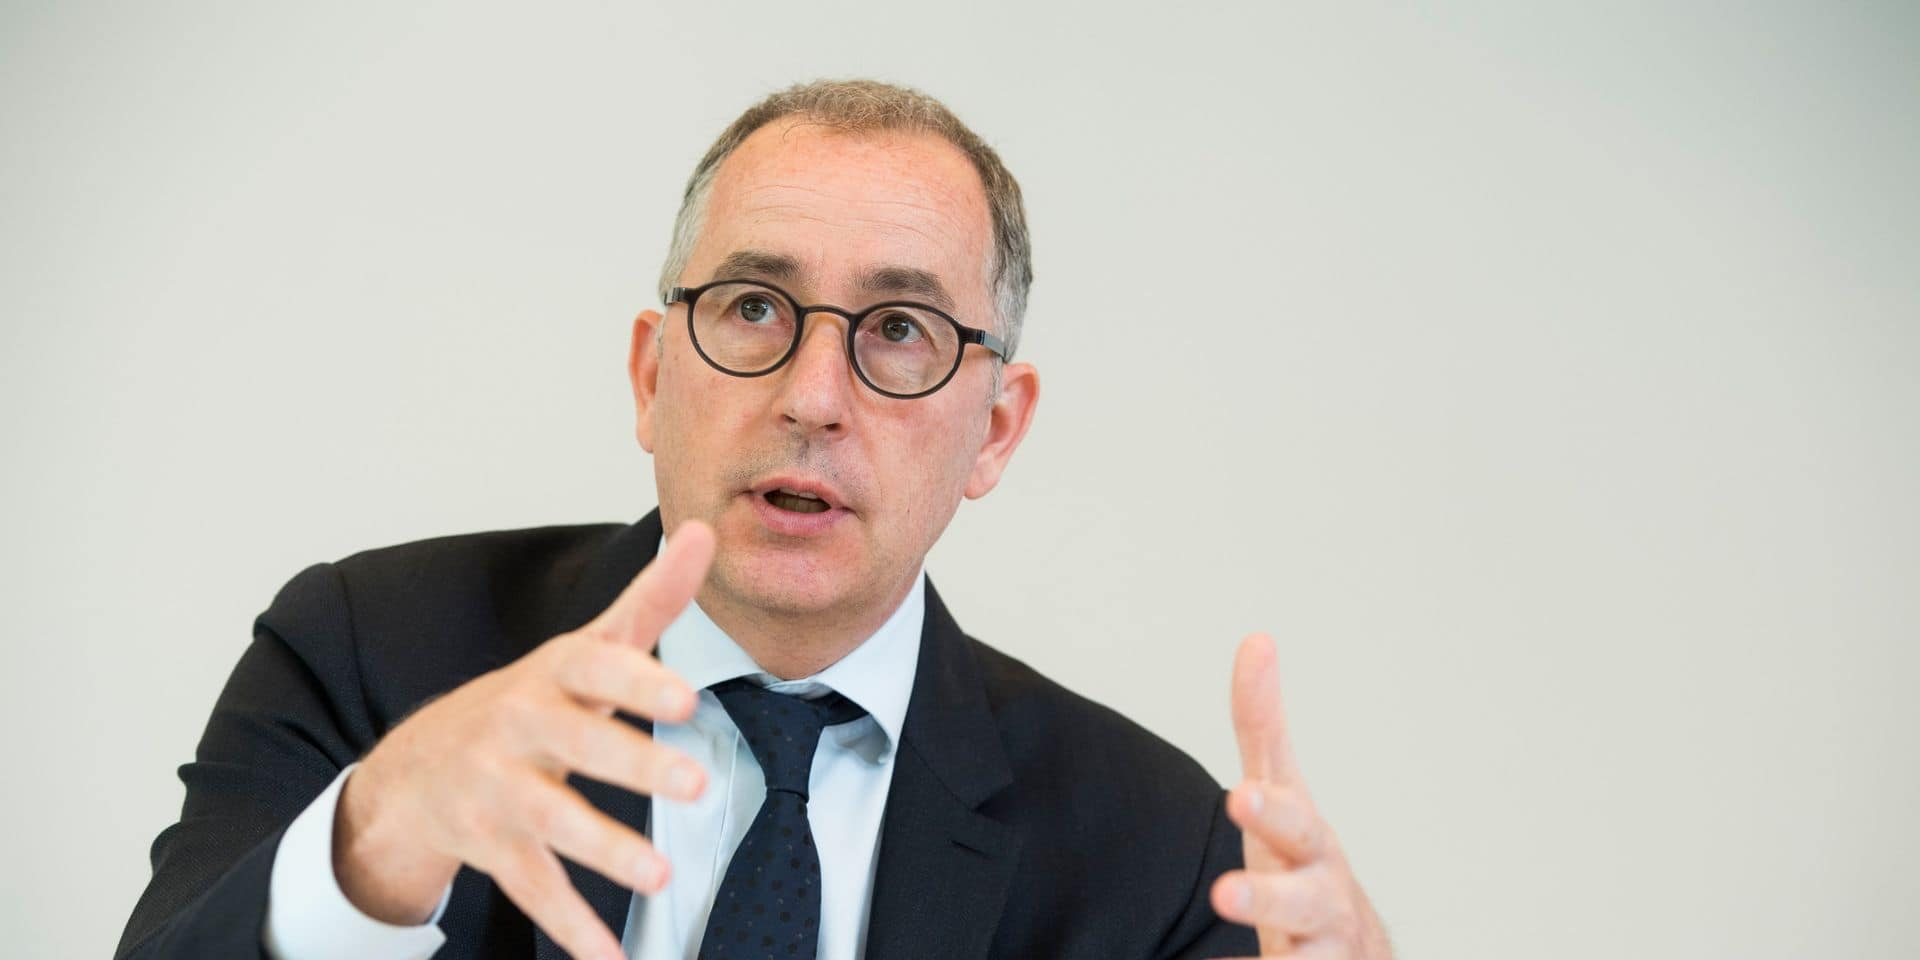 Wouter Devriendt quitte ses fonctions de CEO de Dexia